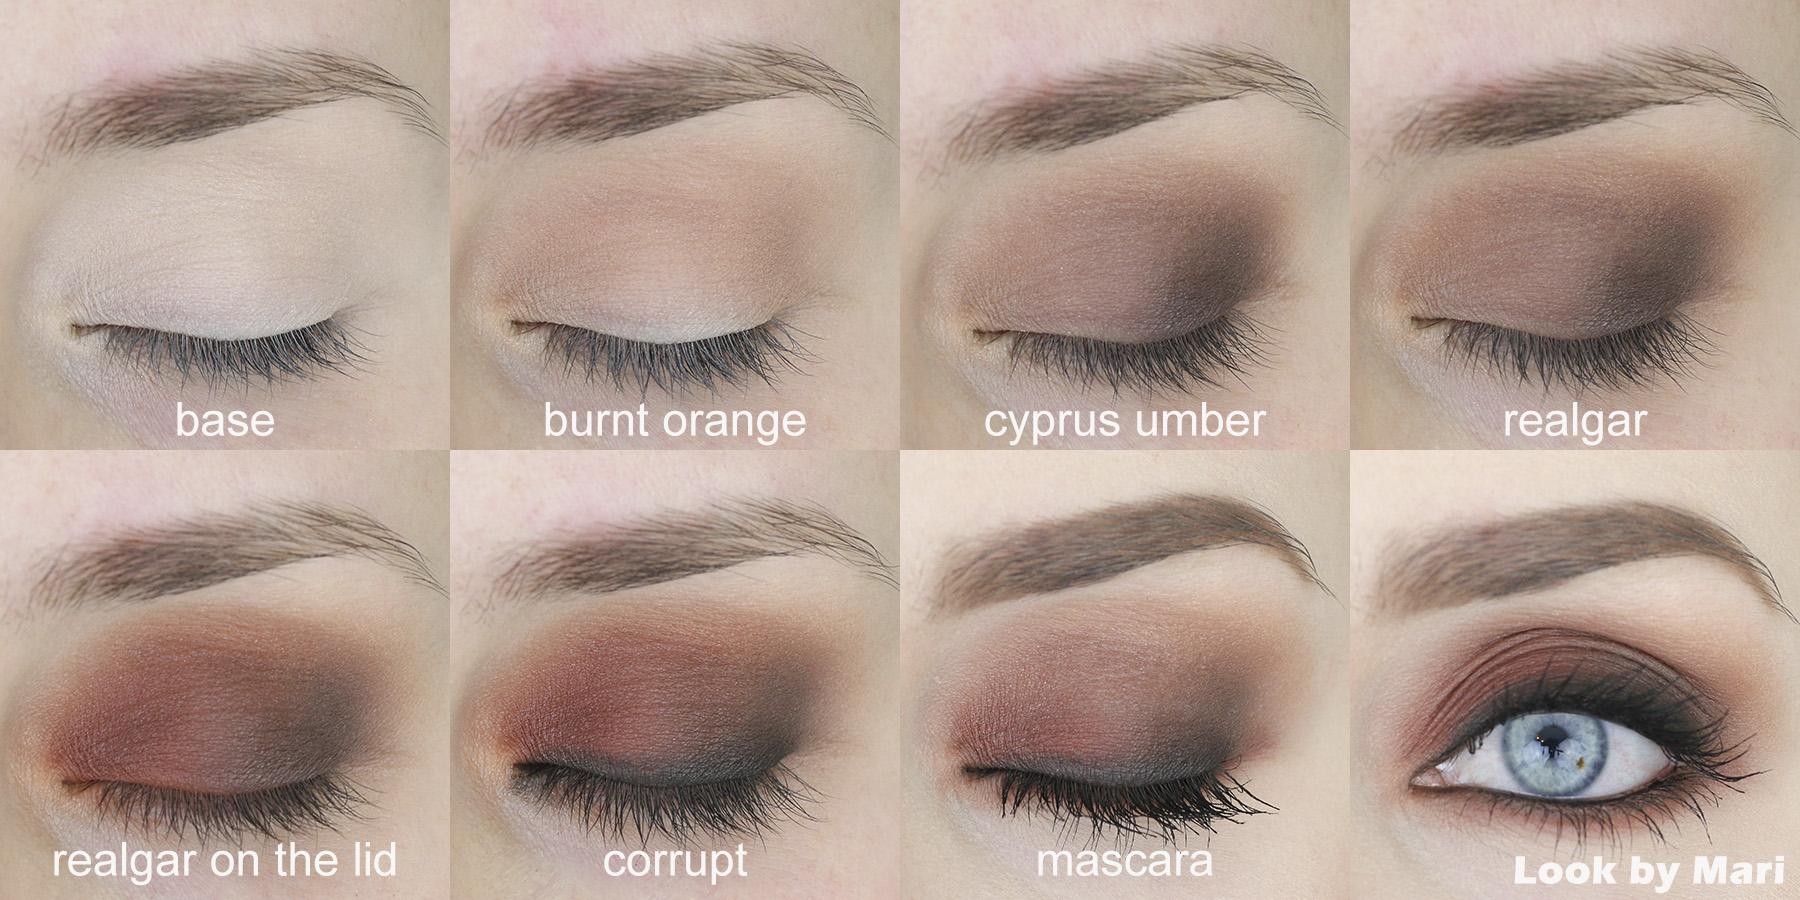 4 abh modern renessaince eye makeup ideas inspiration inspo blog tutorial-2